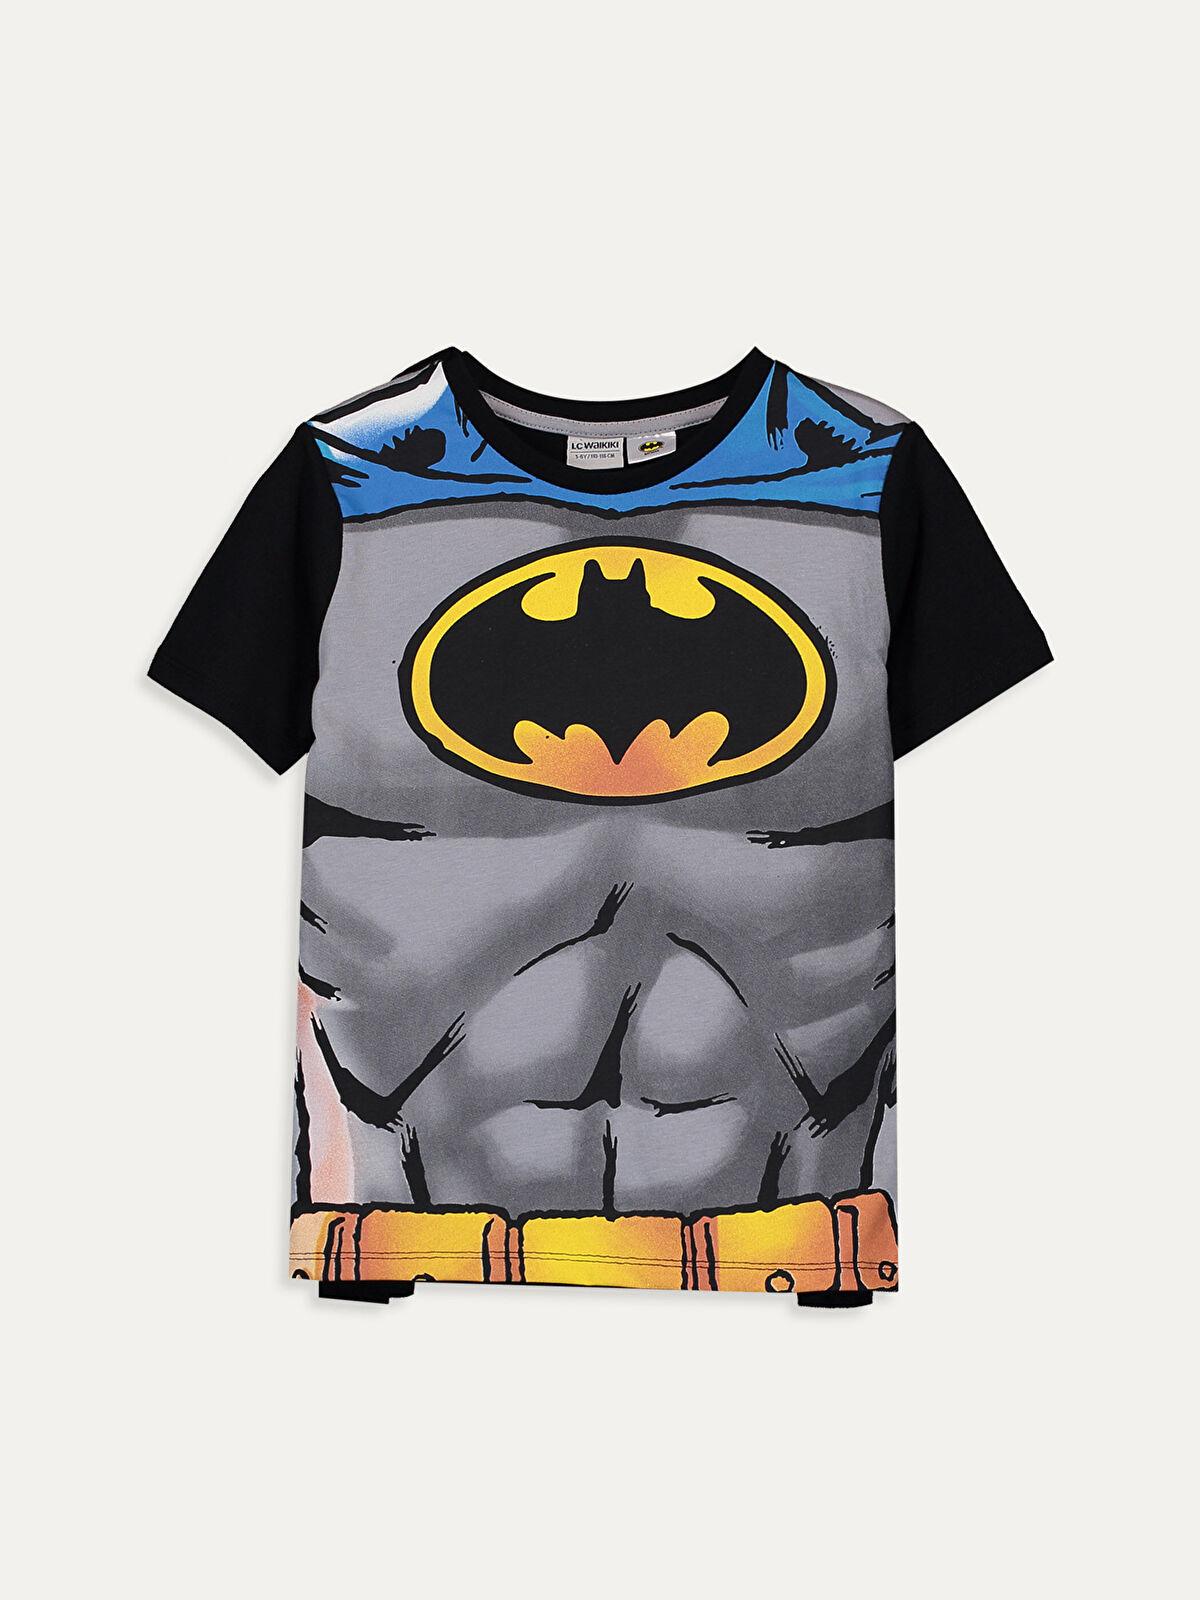 Erkek Çocuk Batman Tişört ve Pelerin - LC WAIKIKI